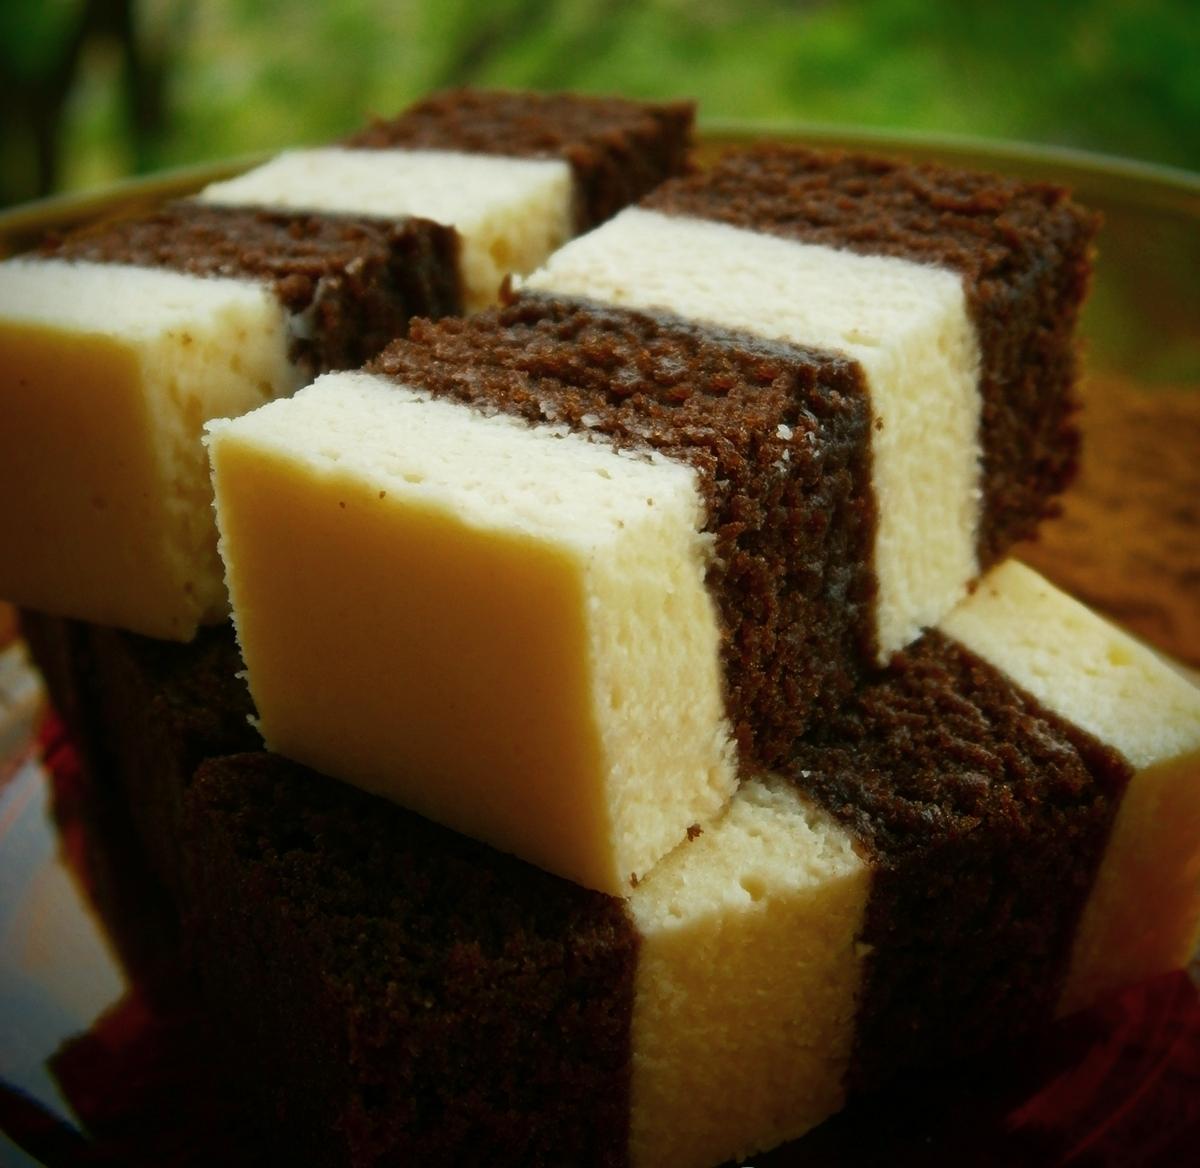 Resepi Kek Kukus Coklat Keju - Resepi Cik Bee